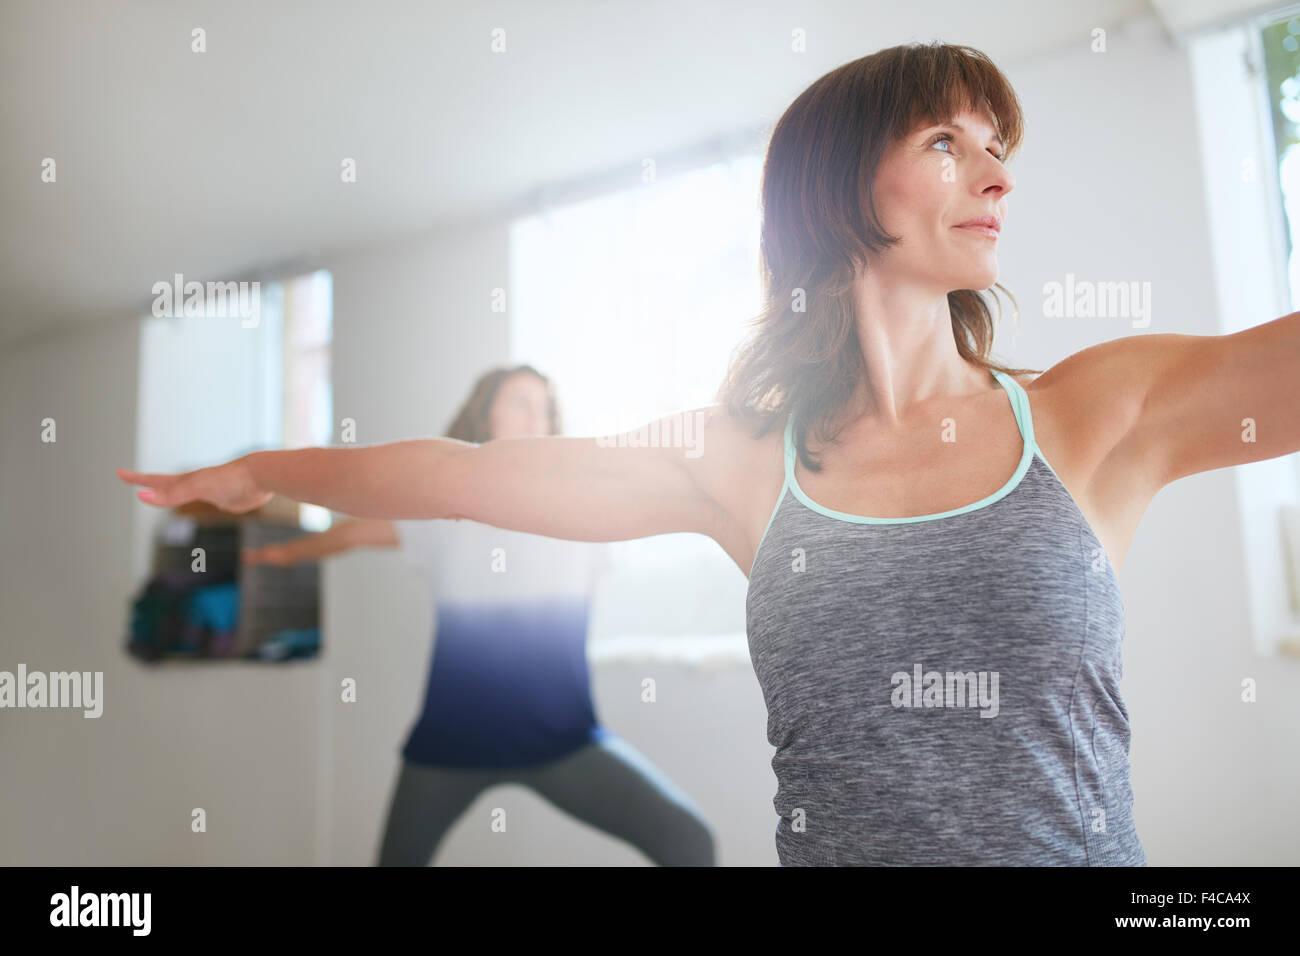 Foto de mujer fitness hacer yoga. Las mujeres ejerzan en clase de yoga. Virabhadrasana pose. Imagen De Stock